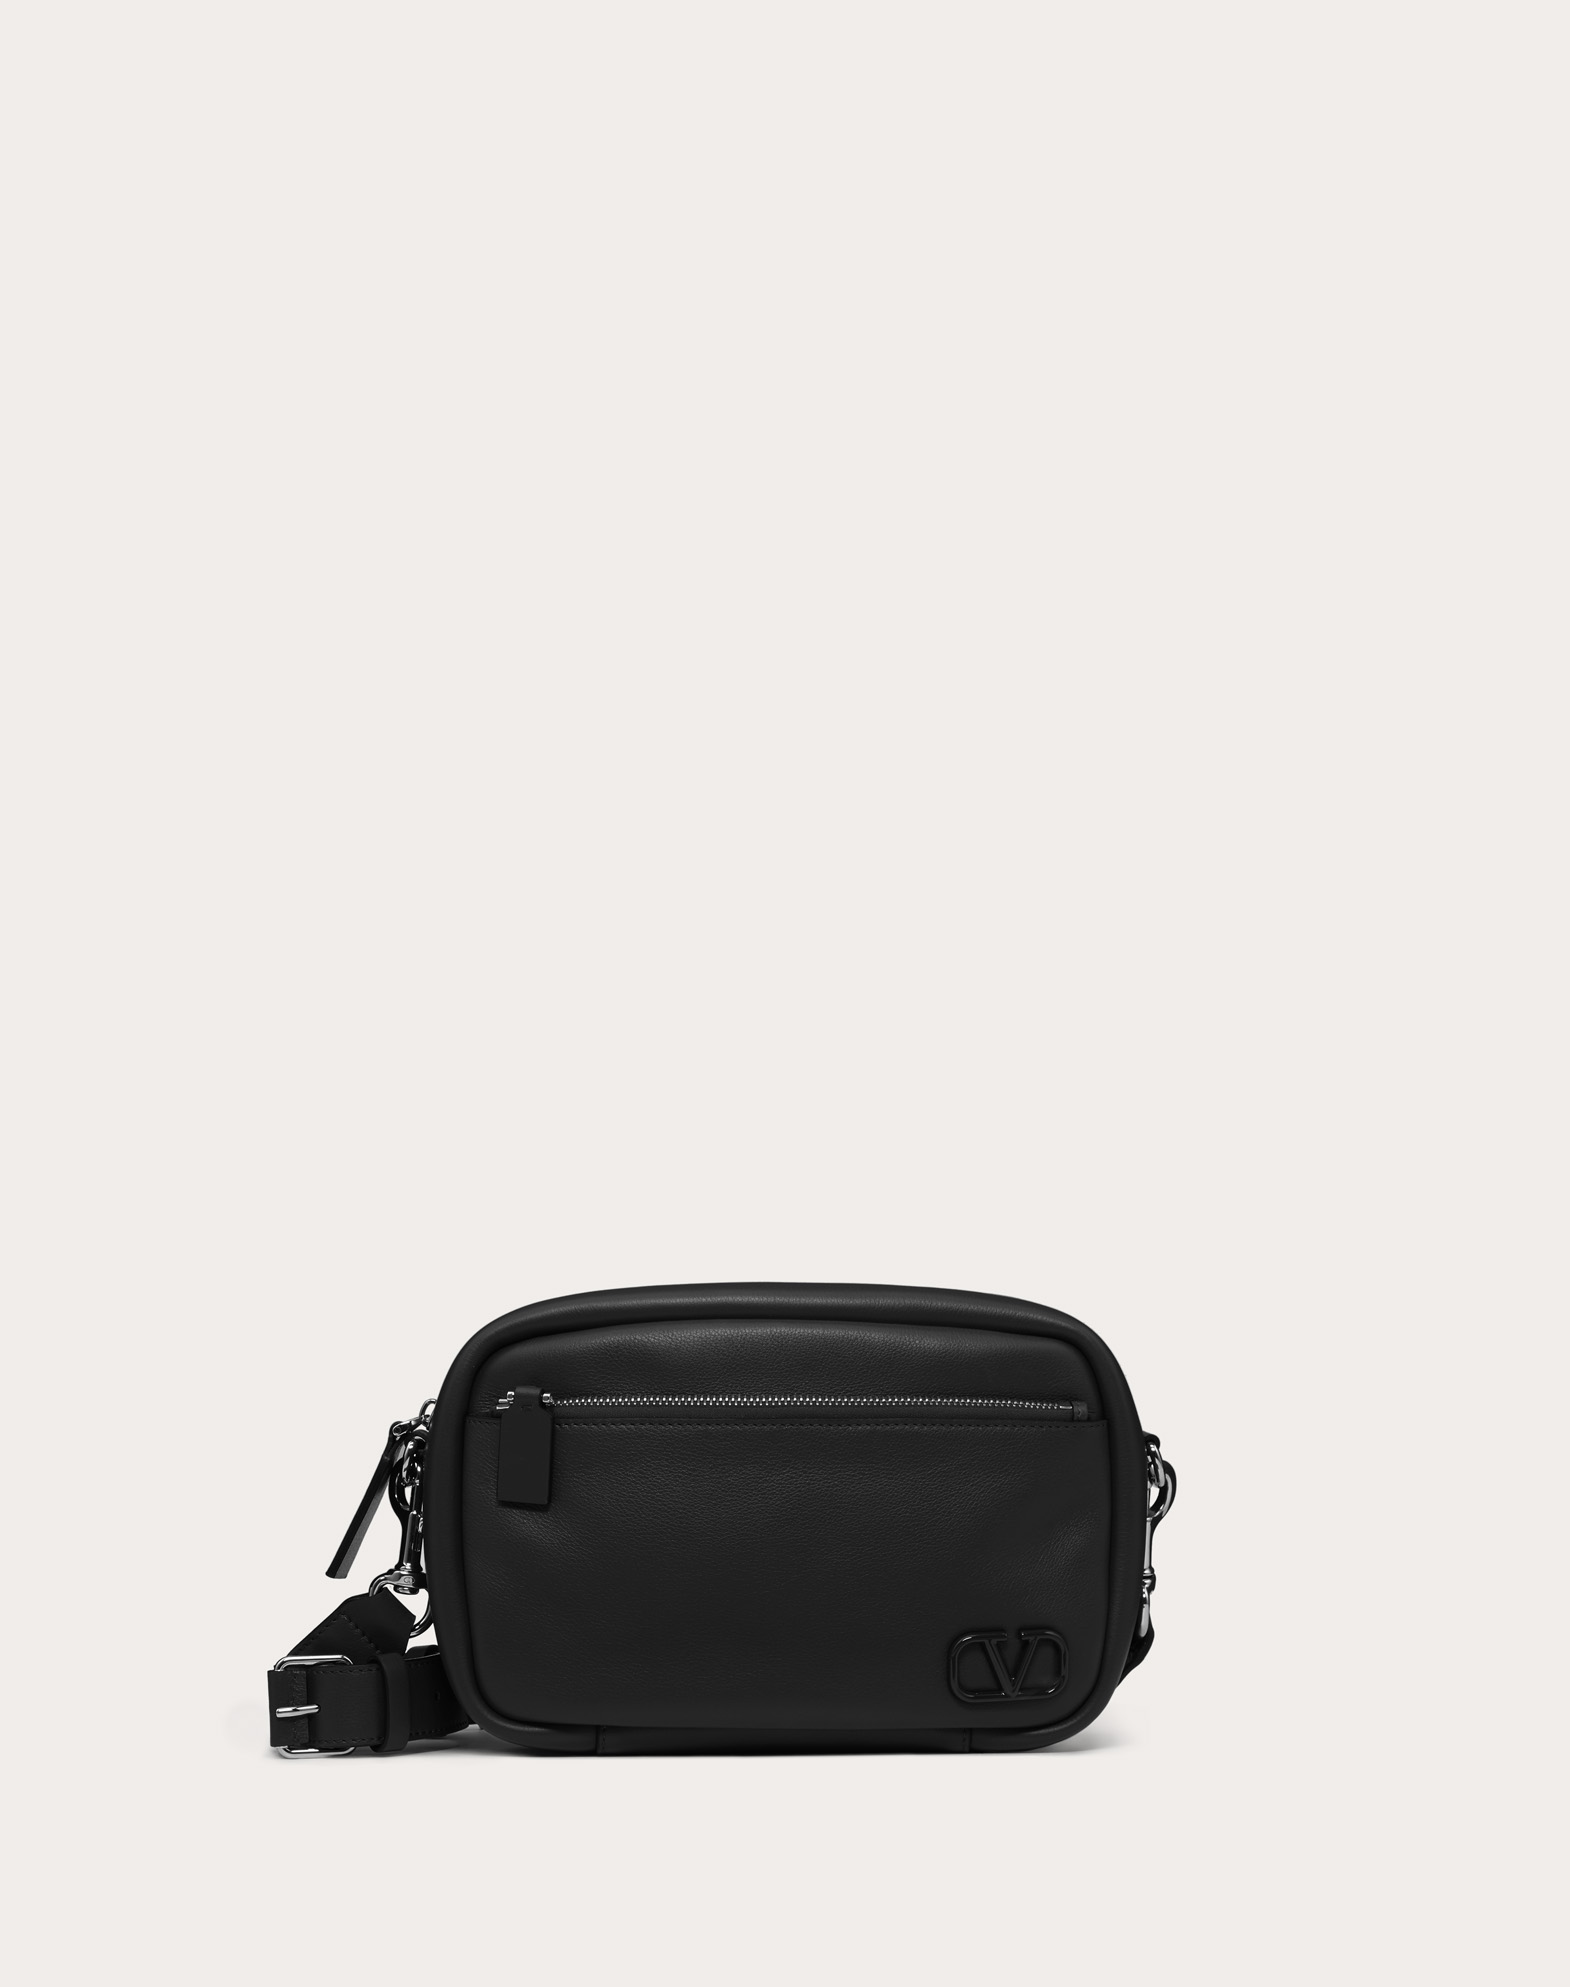 Leather VLOGO shoulder bag